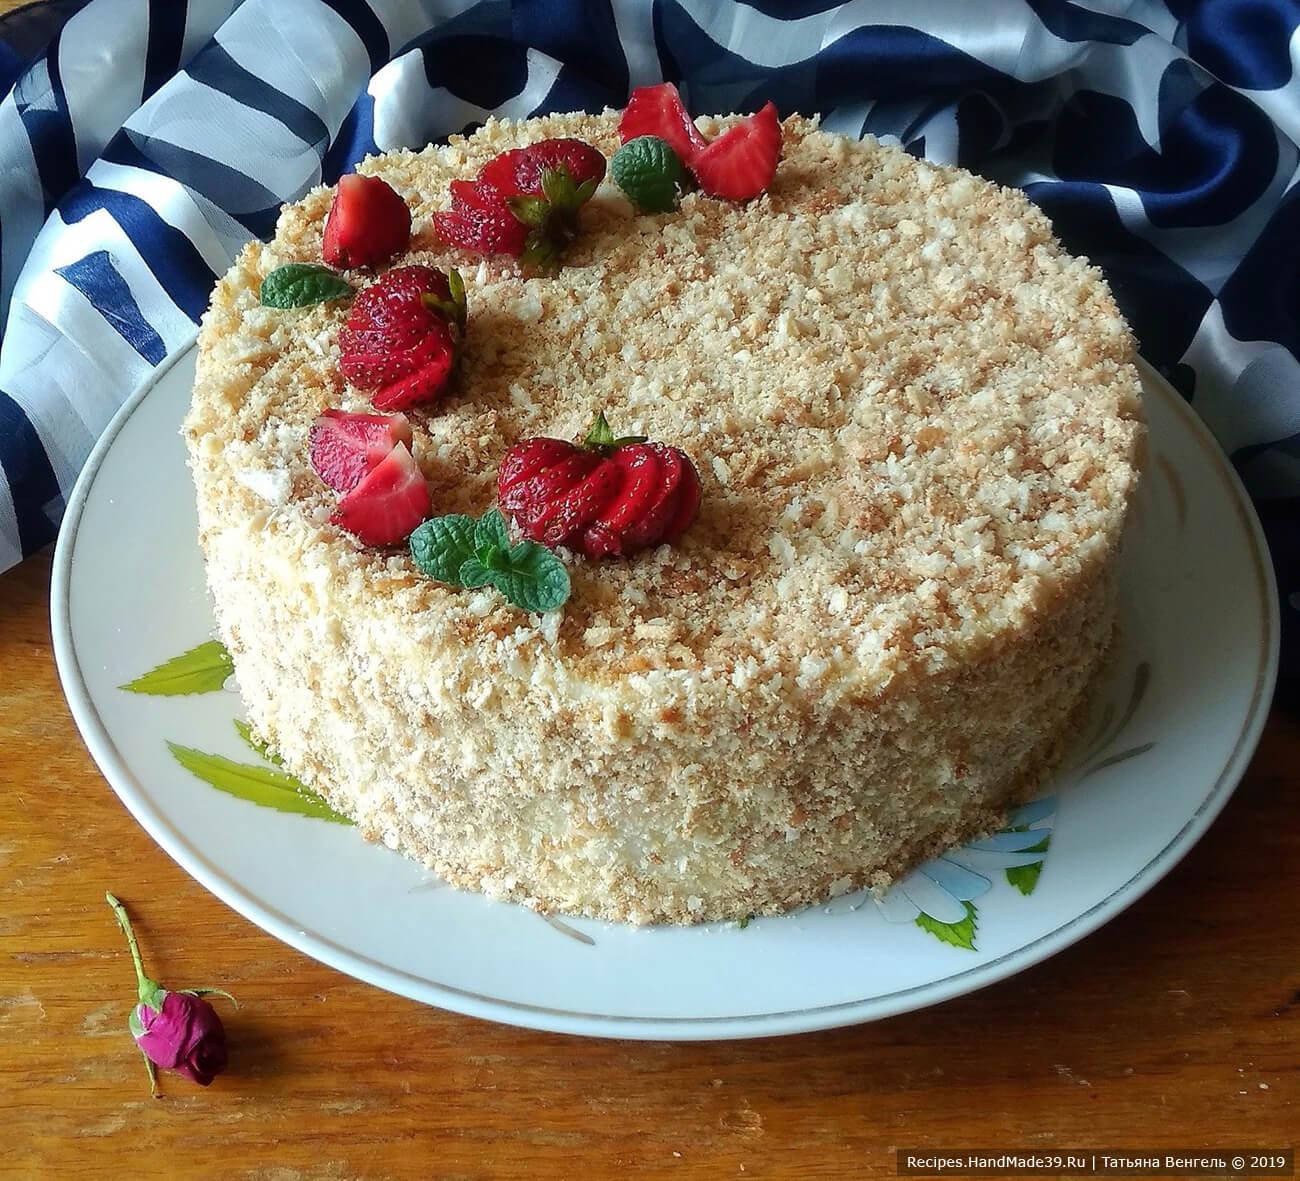 Снять форму, оставшейся крошкой украсить бока торта. Приятного аппетита!